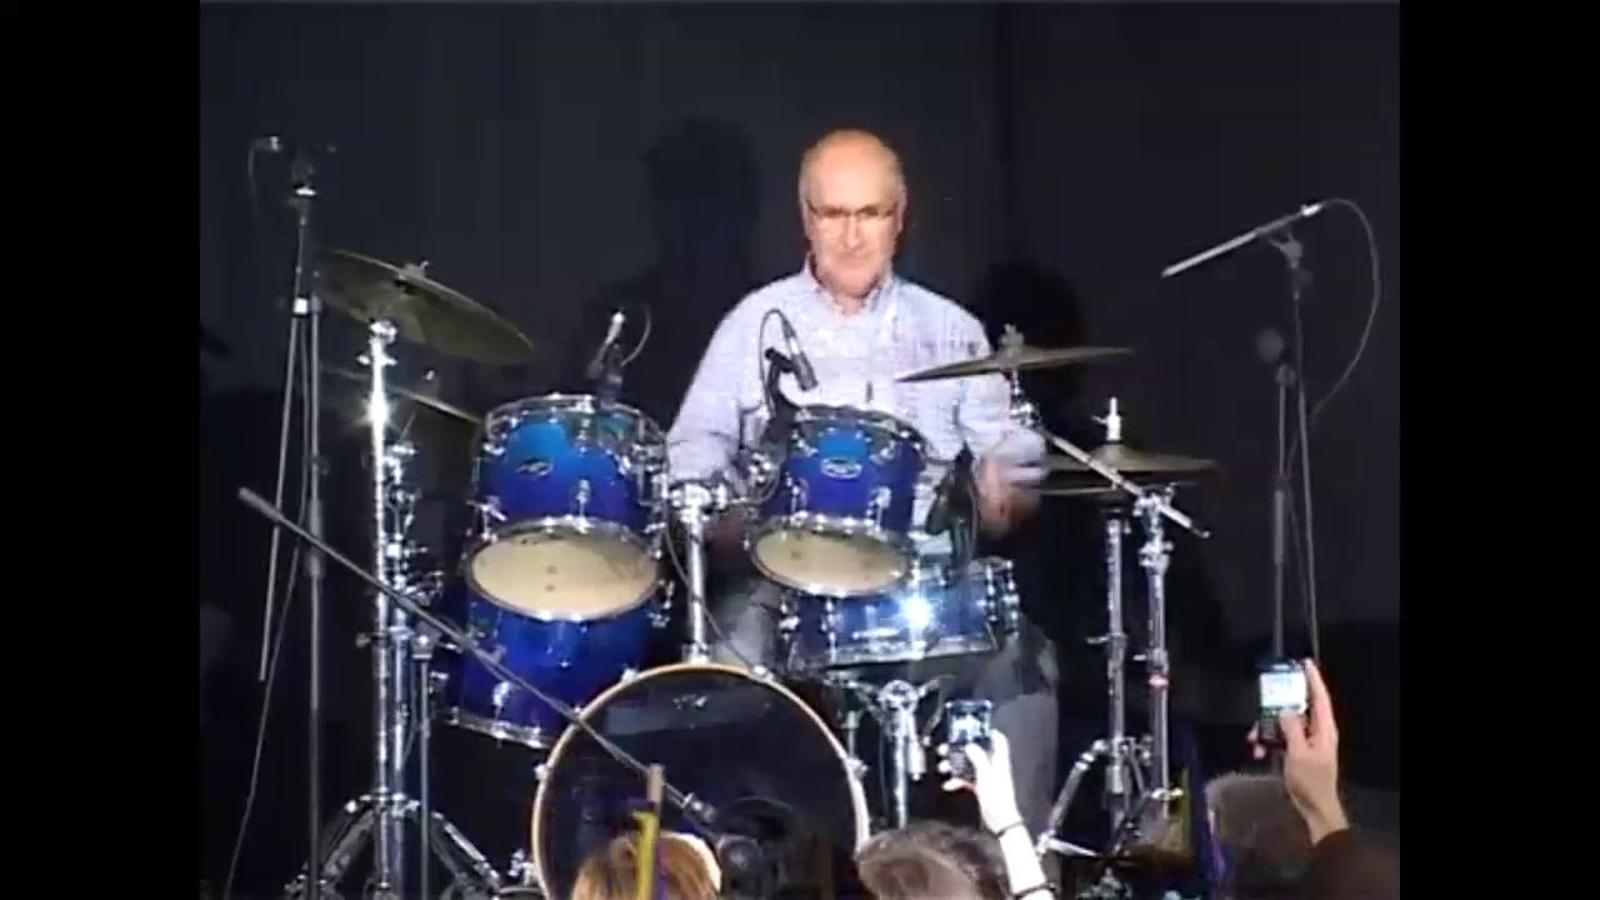 Duran sorprèn les joventuts de CiU amb els seus dots musicals amb la bateria